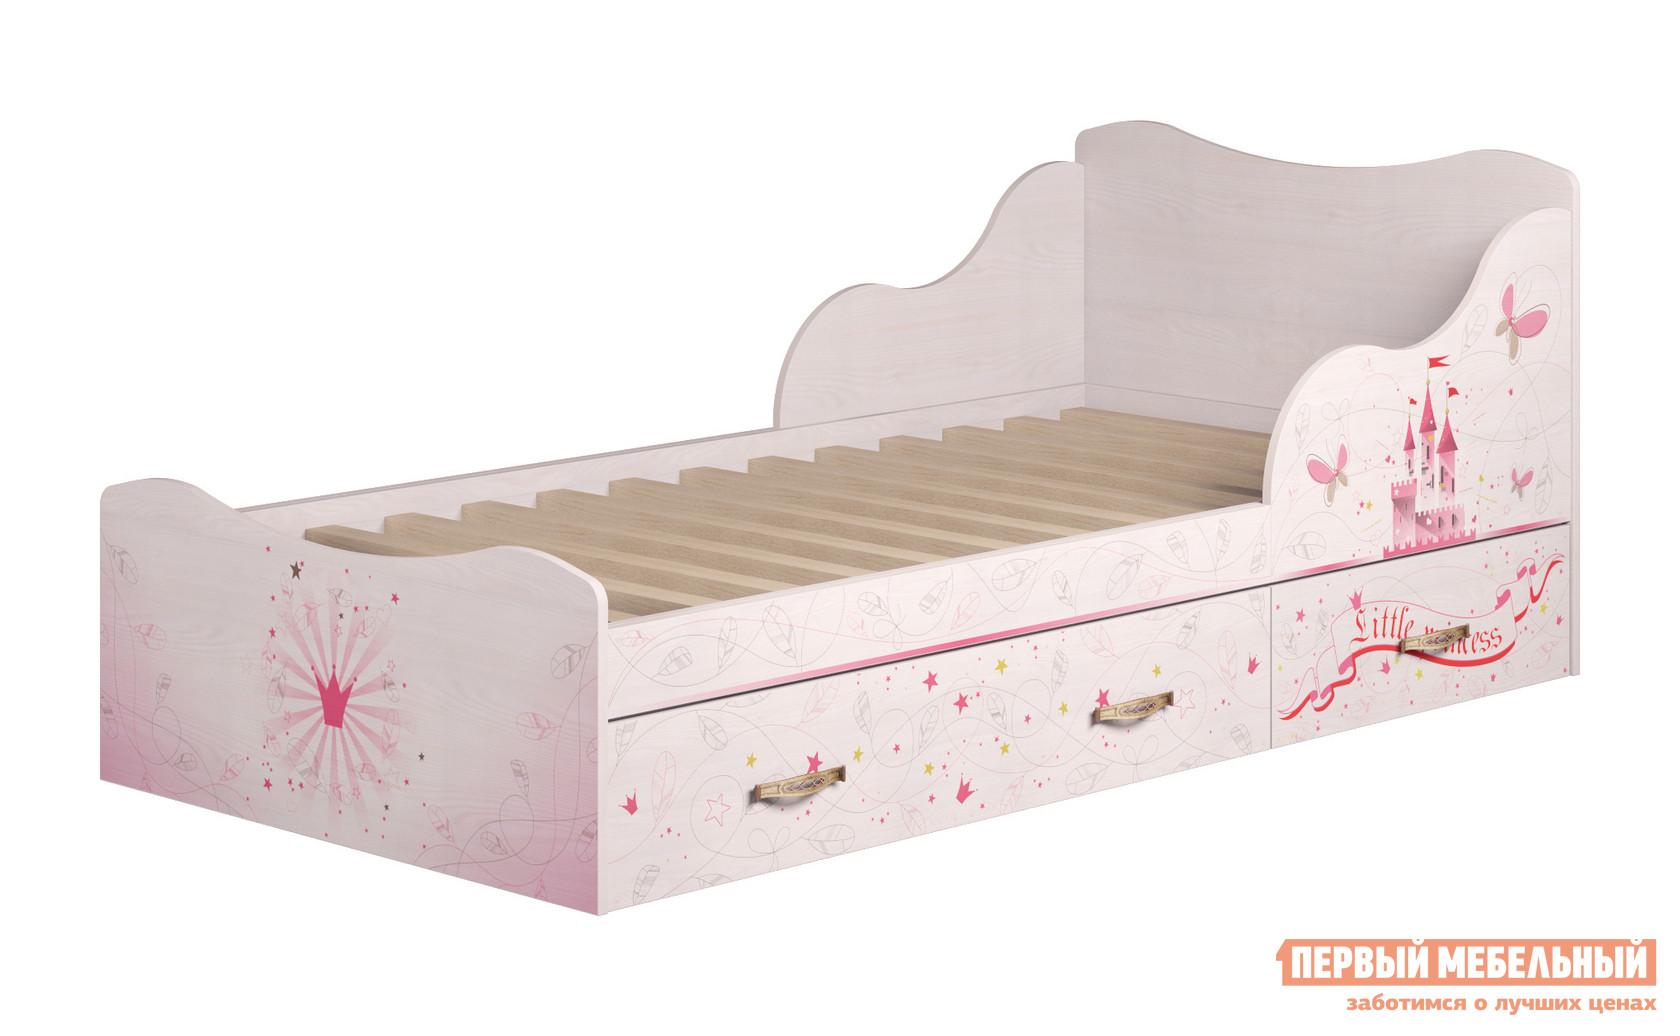 Кровать с ящиками ТД Арника Принцесса (05) детская кровать тахта с выдвижными ящиками тд арника ид 01 251